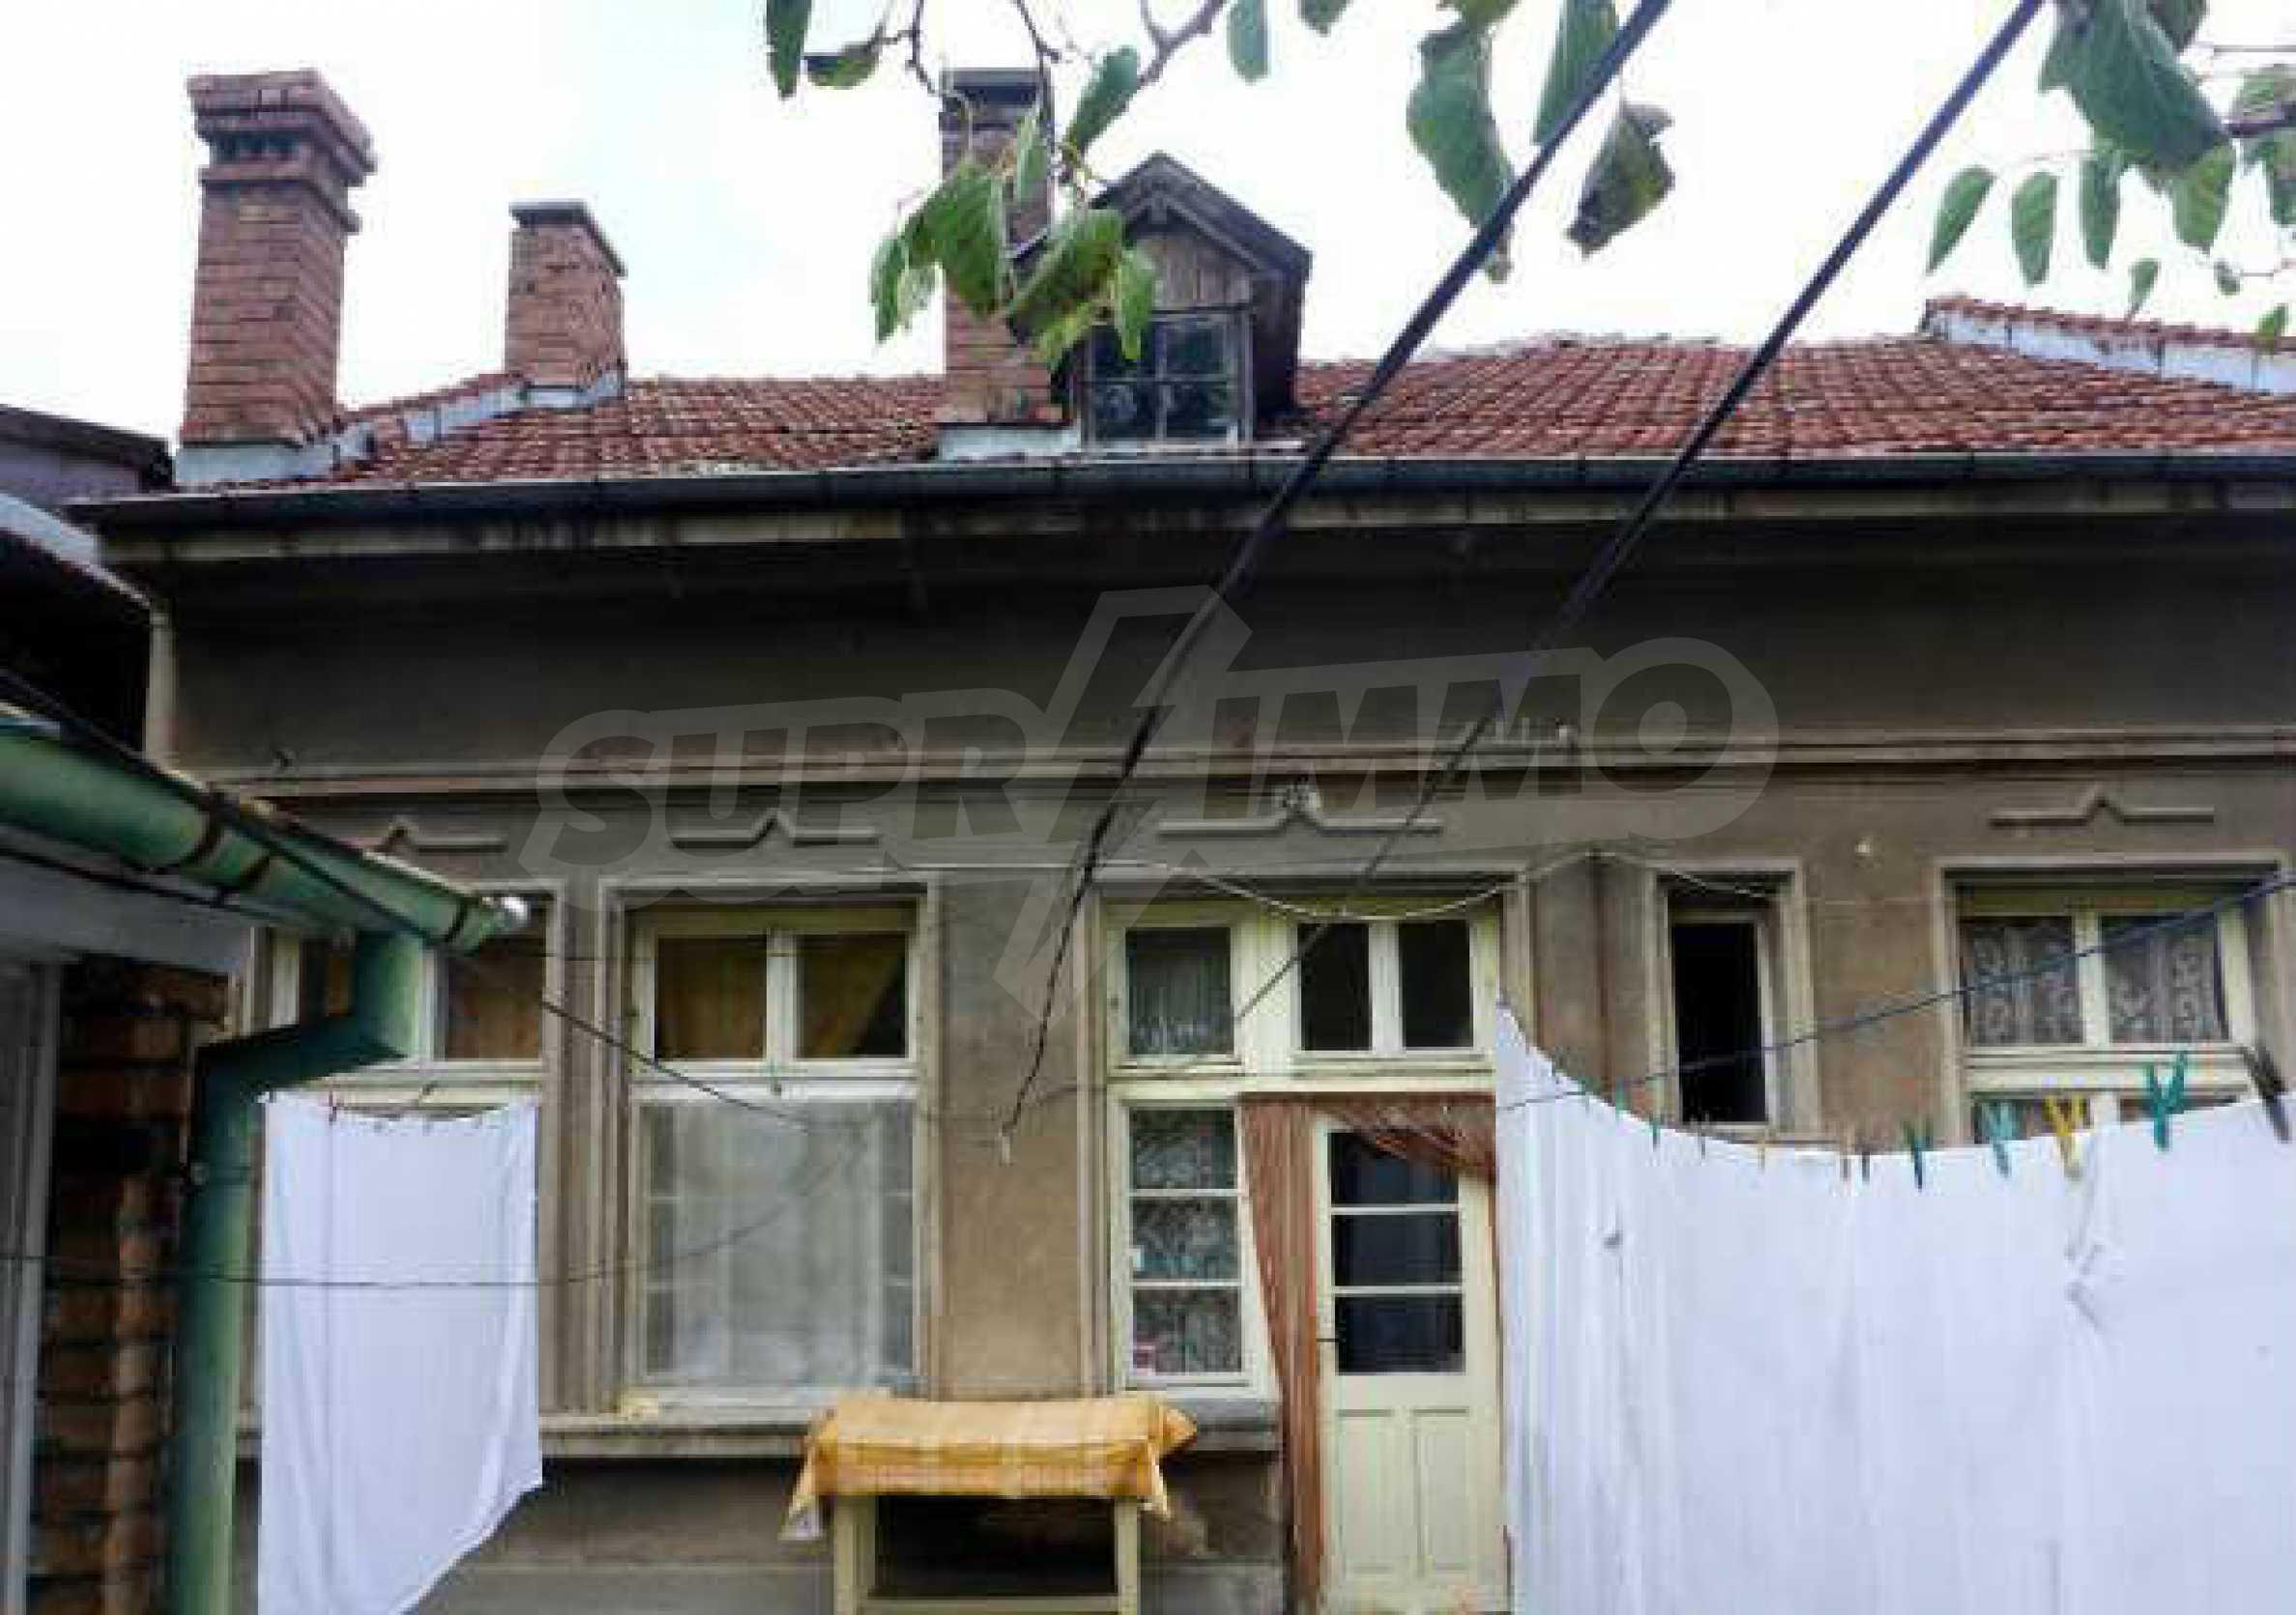 Атрактивен градски имот с магазин в населено място на 24 км от град В.Търново  4